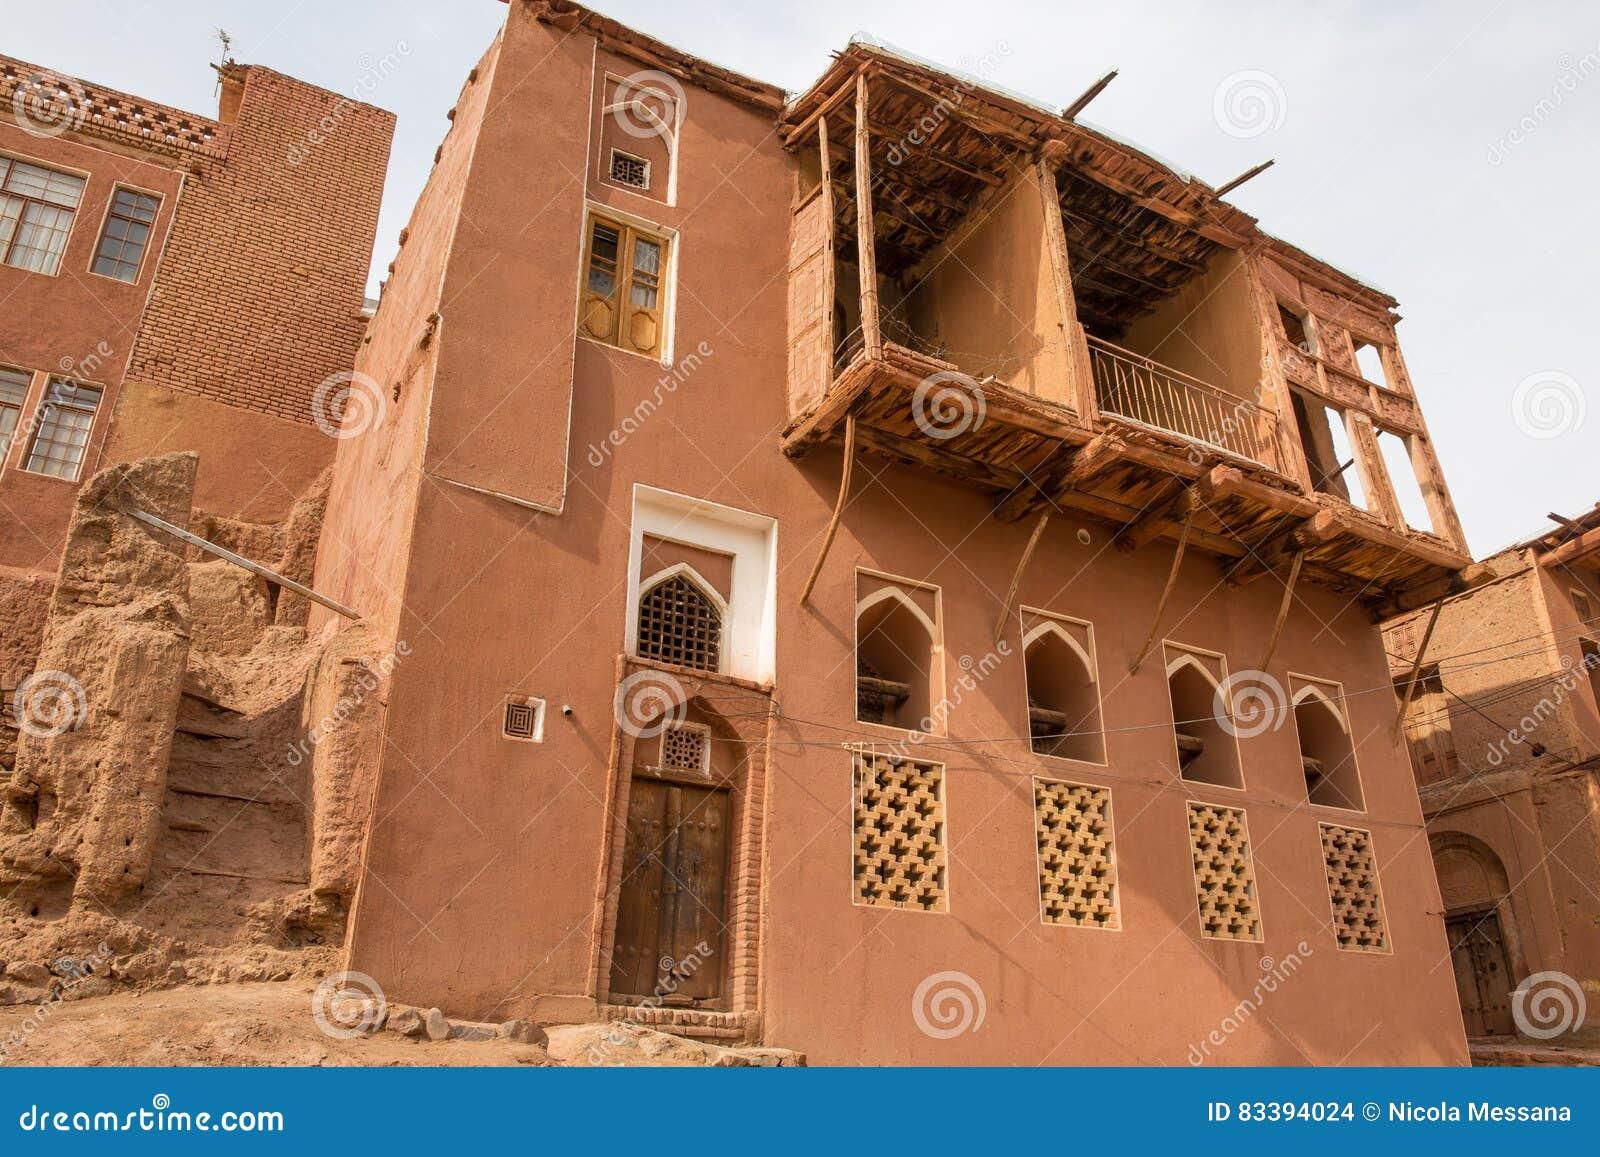 Case Di Mattoni Di Fango : Pangea u adobe houses case di terra cruda